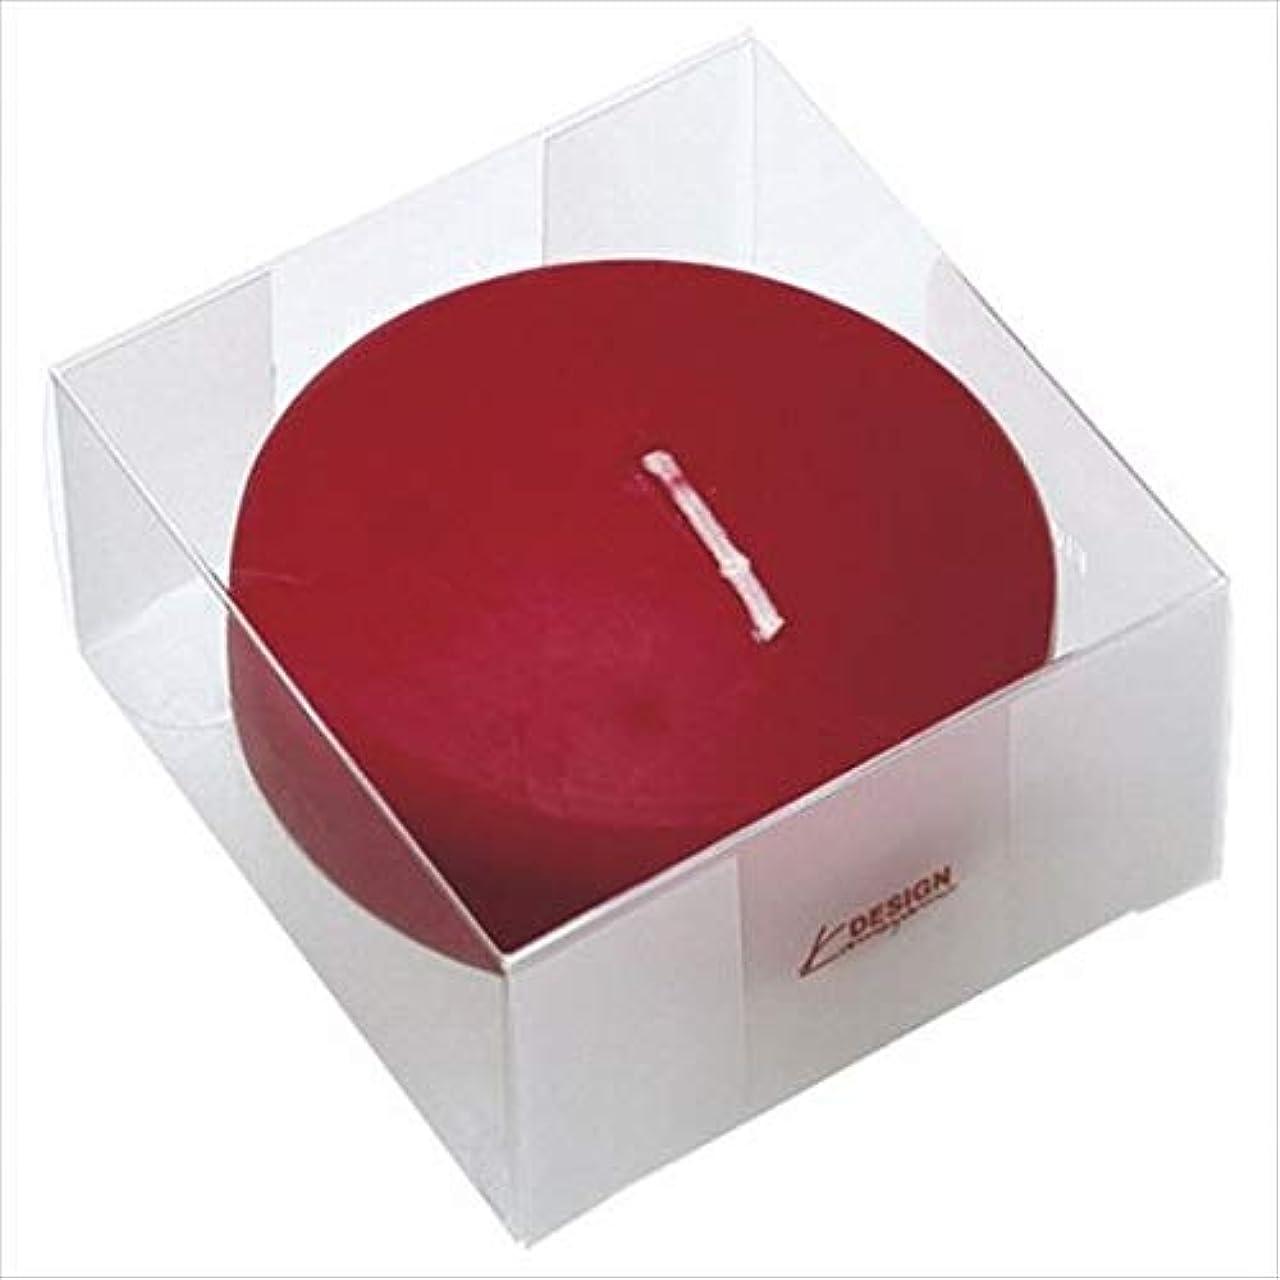 ペストリー時々時々ホラーカメヤマキャンドル(kameyama candle) プール80 (箱入り) 「 ワインレッド 」 キャンドル 6個セット